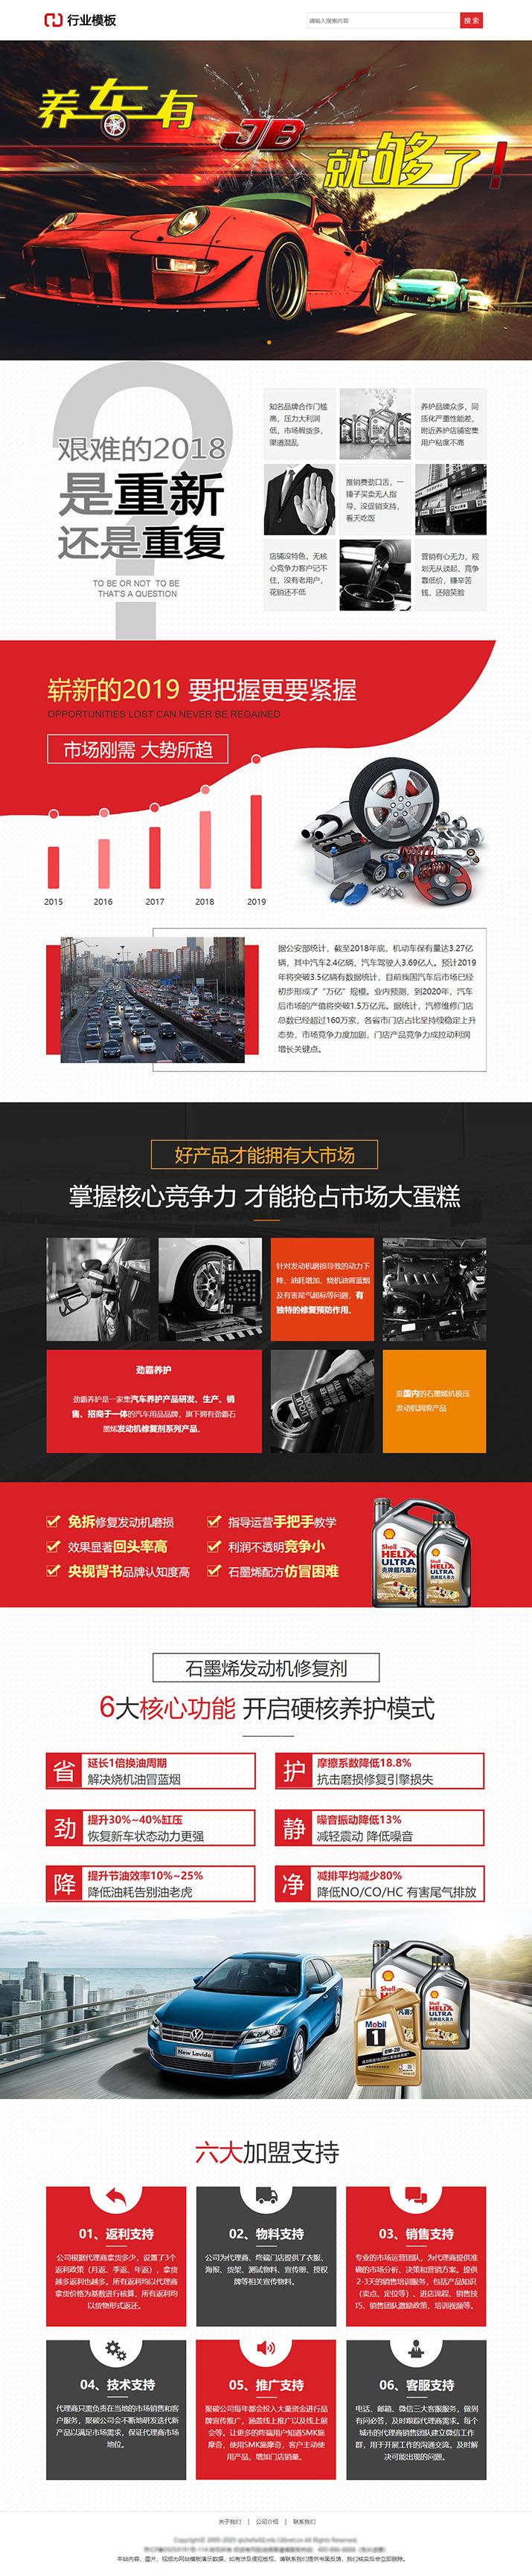 汽车养护网站模板